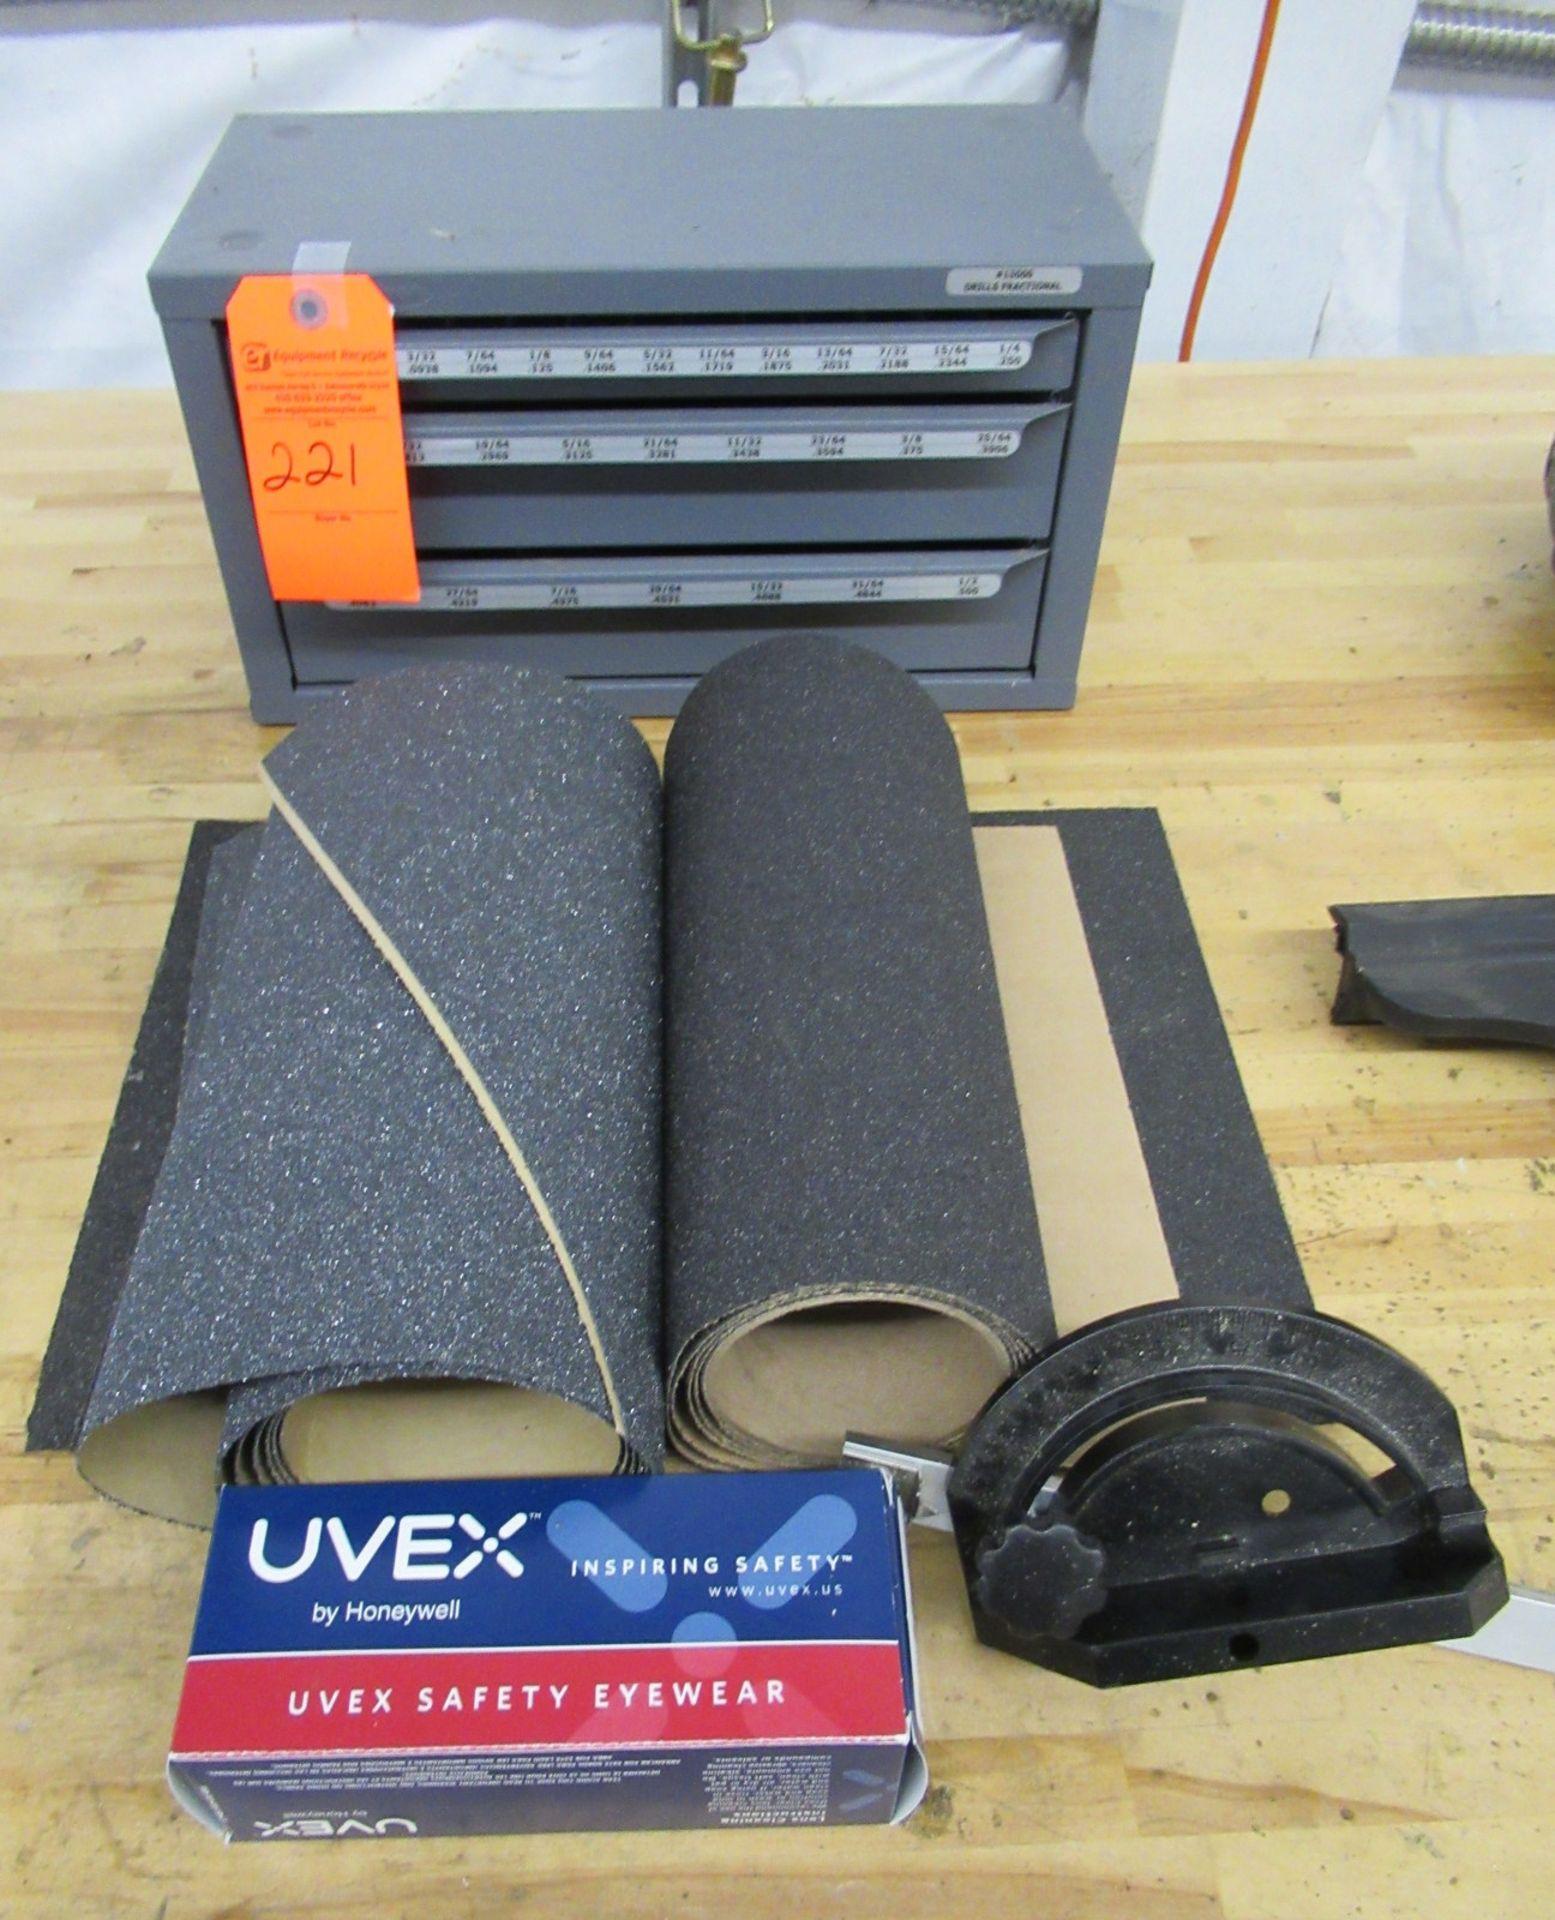 Lot 221 - Drill Bit Tool Box, Sand Paper, Glasses